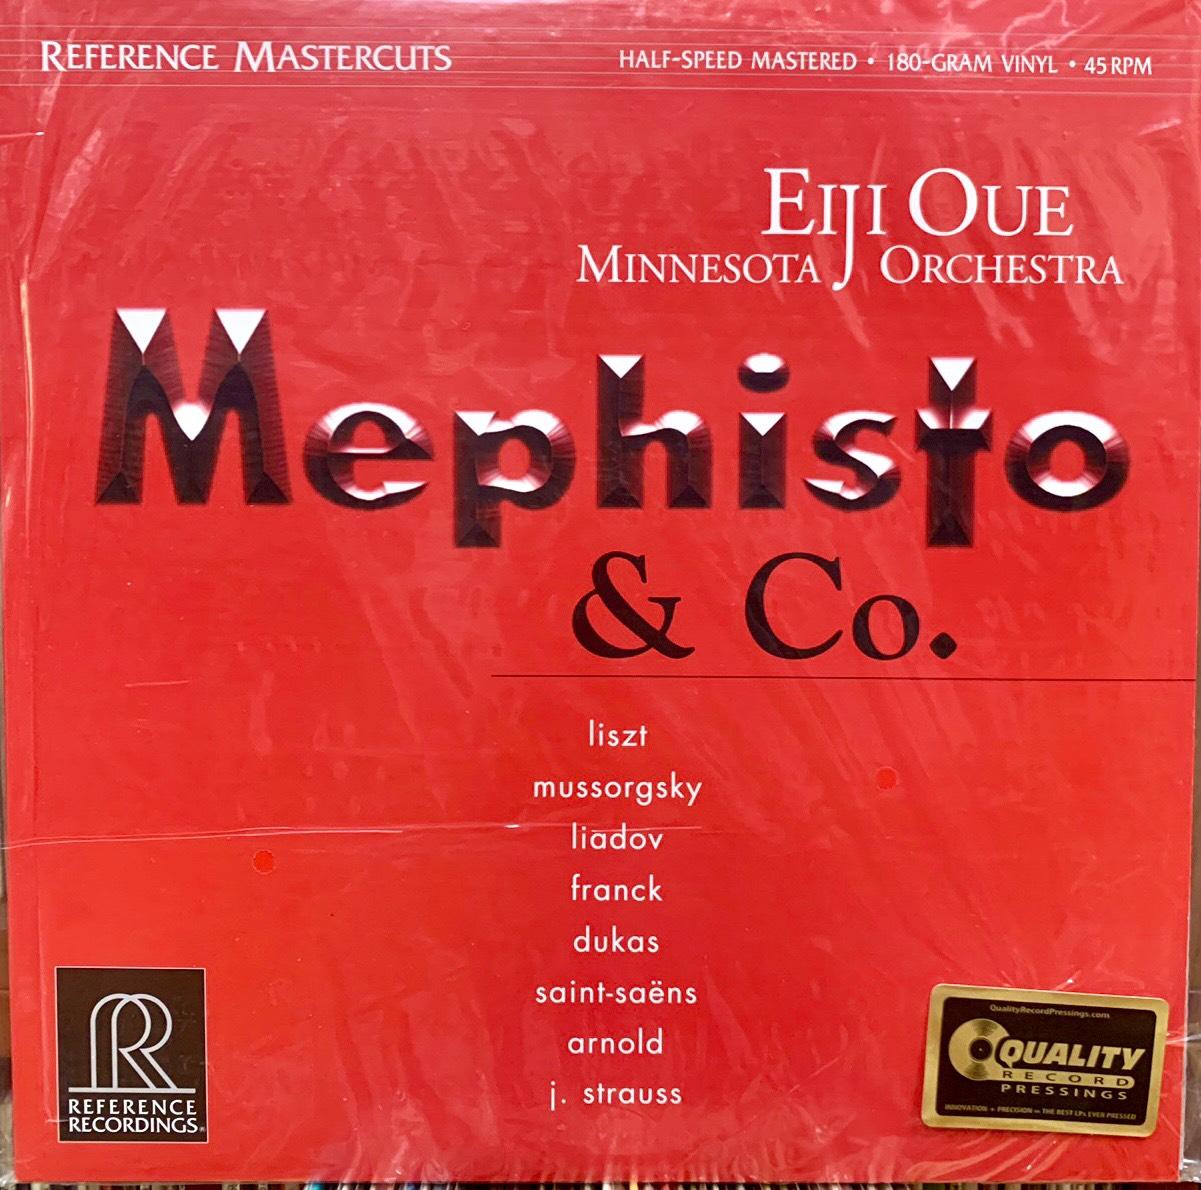 dia-than-mephisto-co